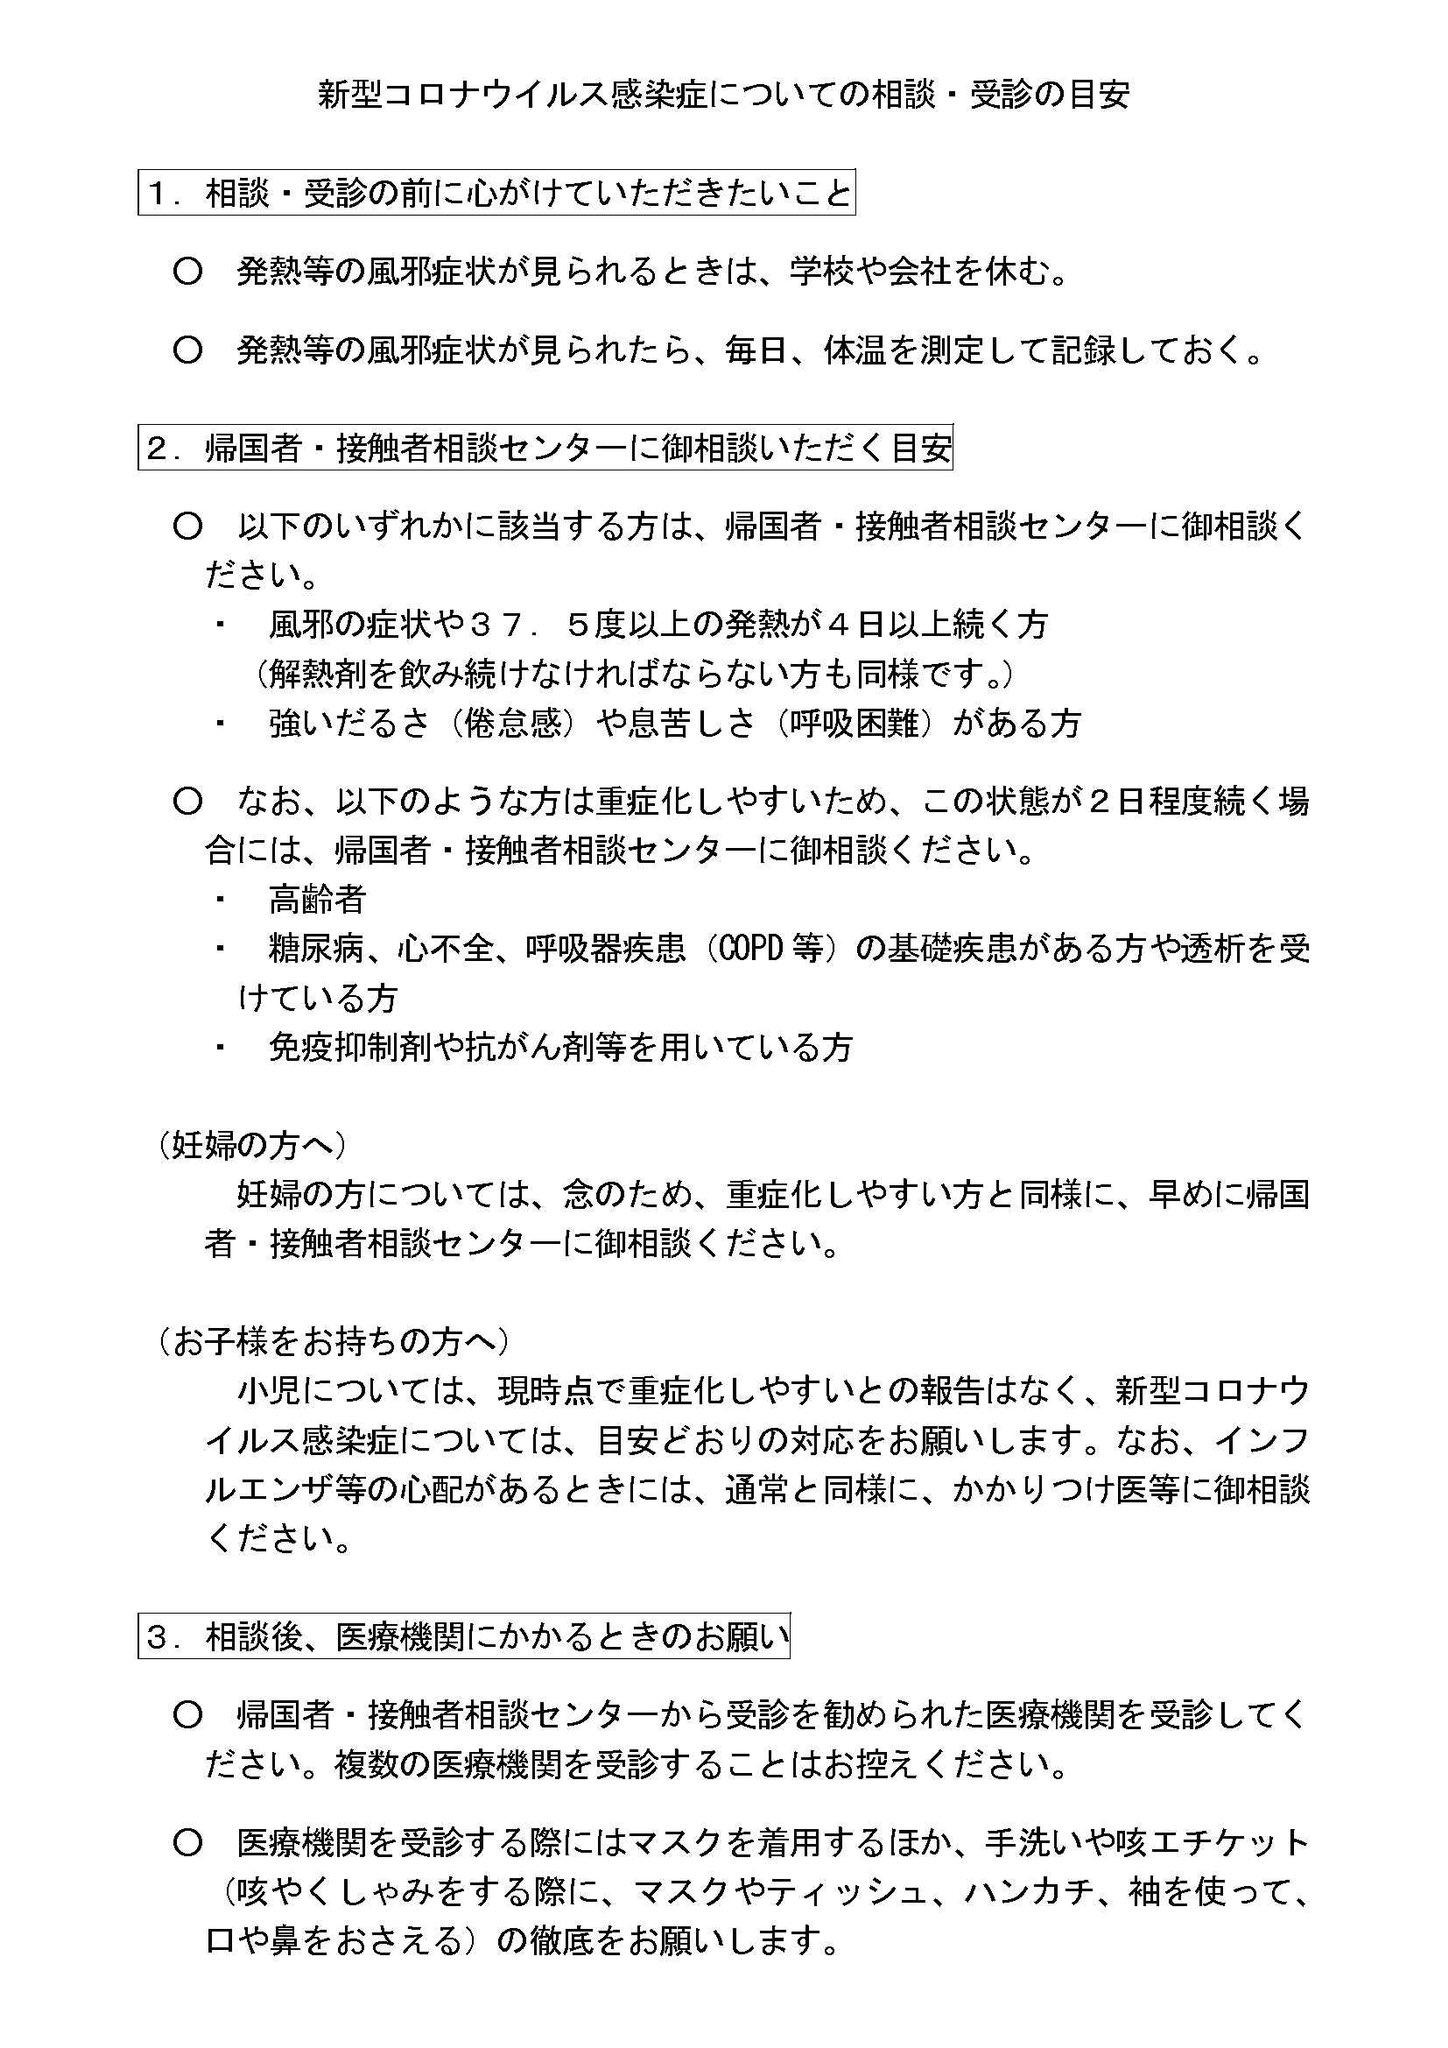 日本の新型コロナウイルス対応